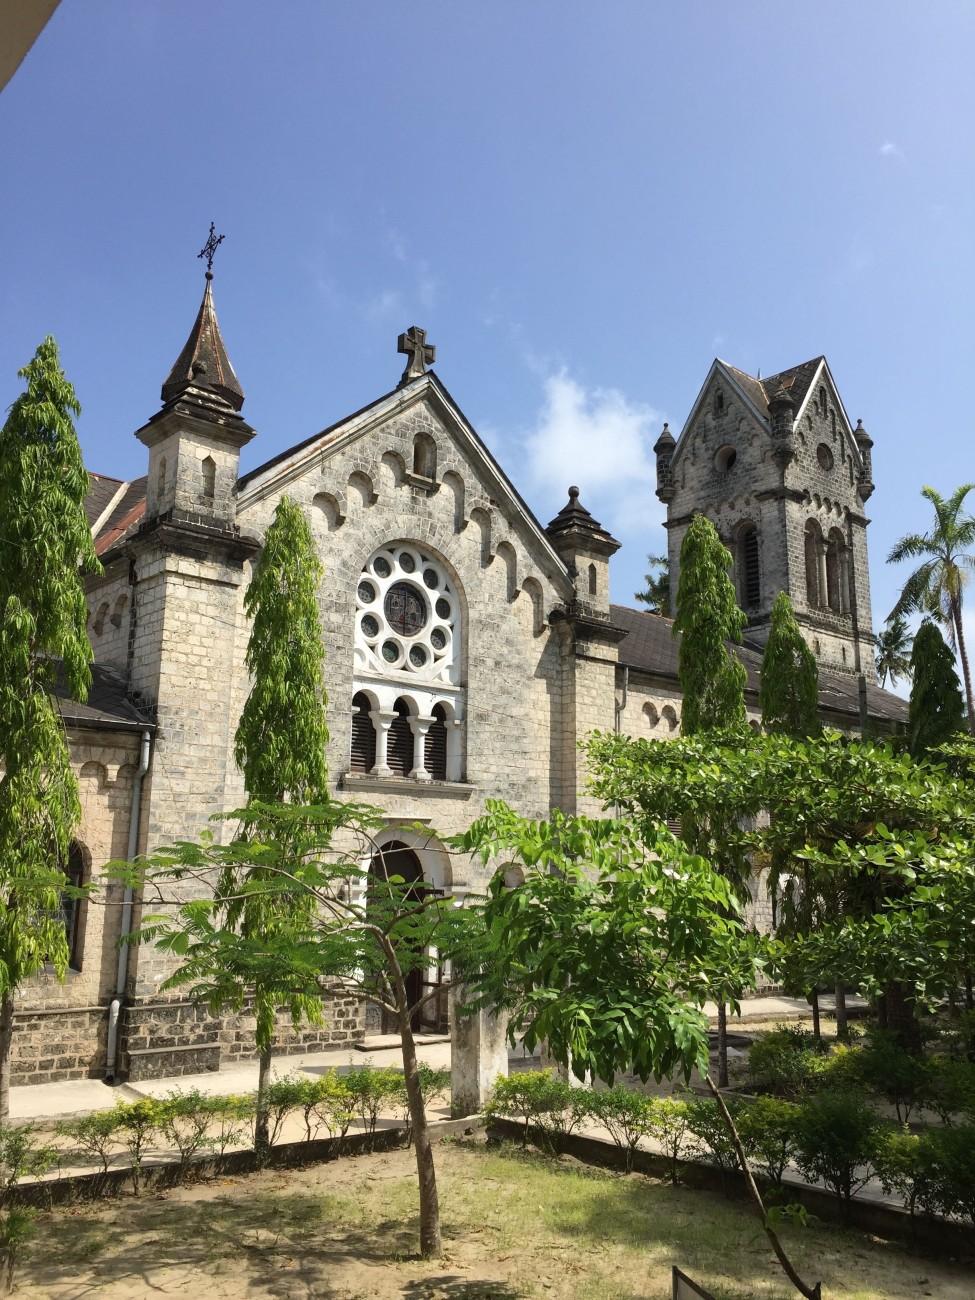 Auch die Fassade des 1868 errichteten Gotteshauses befindet sich in gutem Zustand